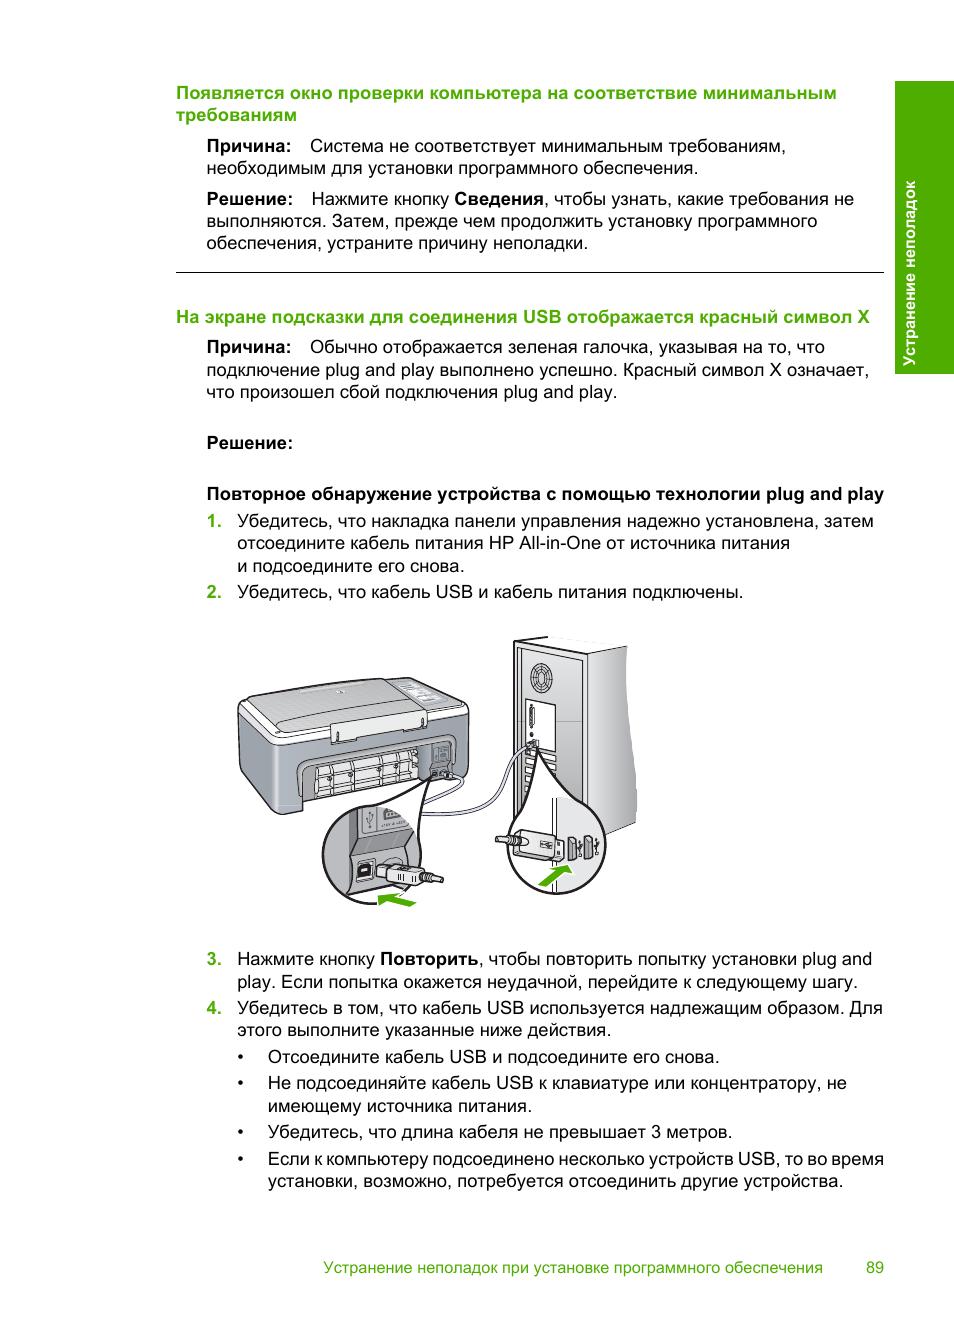 термобелье пюремейкер инструкция по эксплуатации производстве